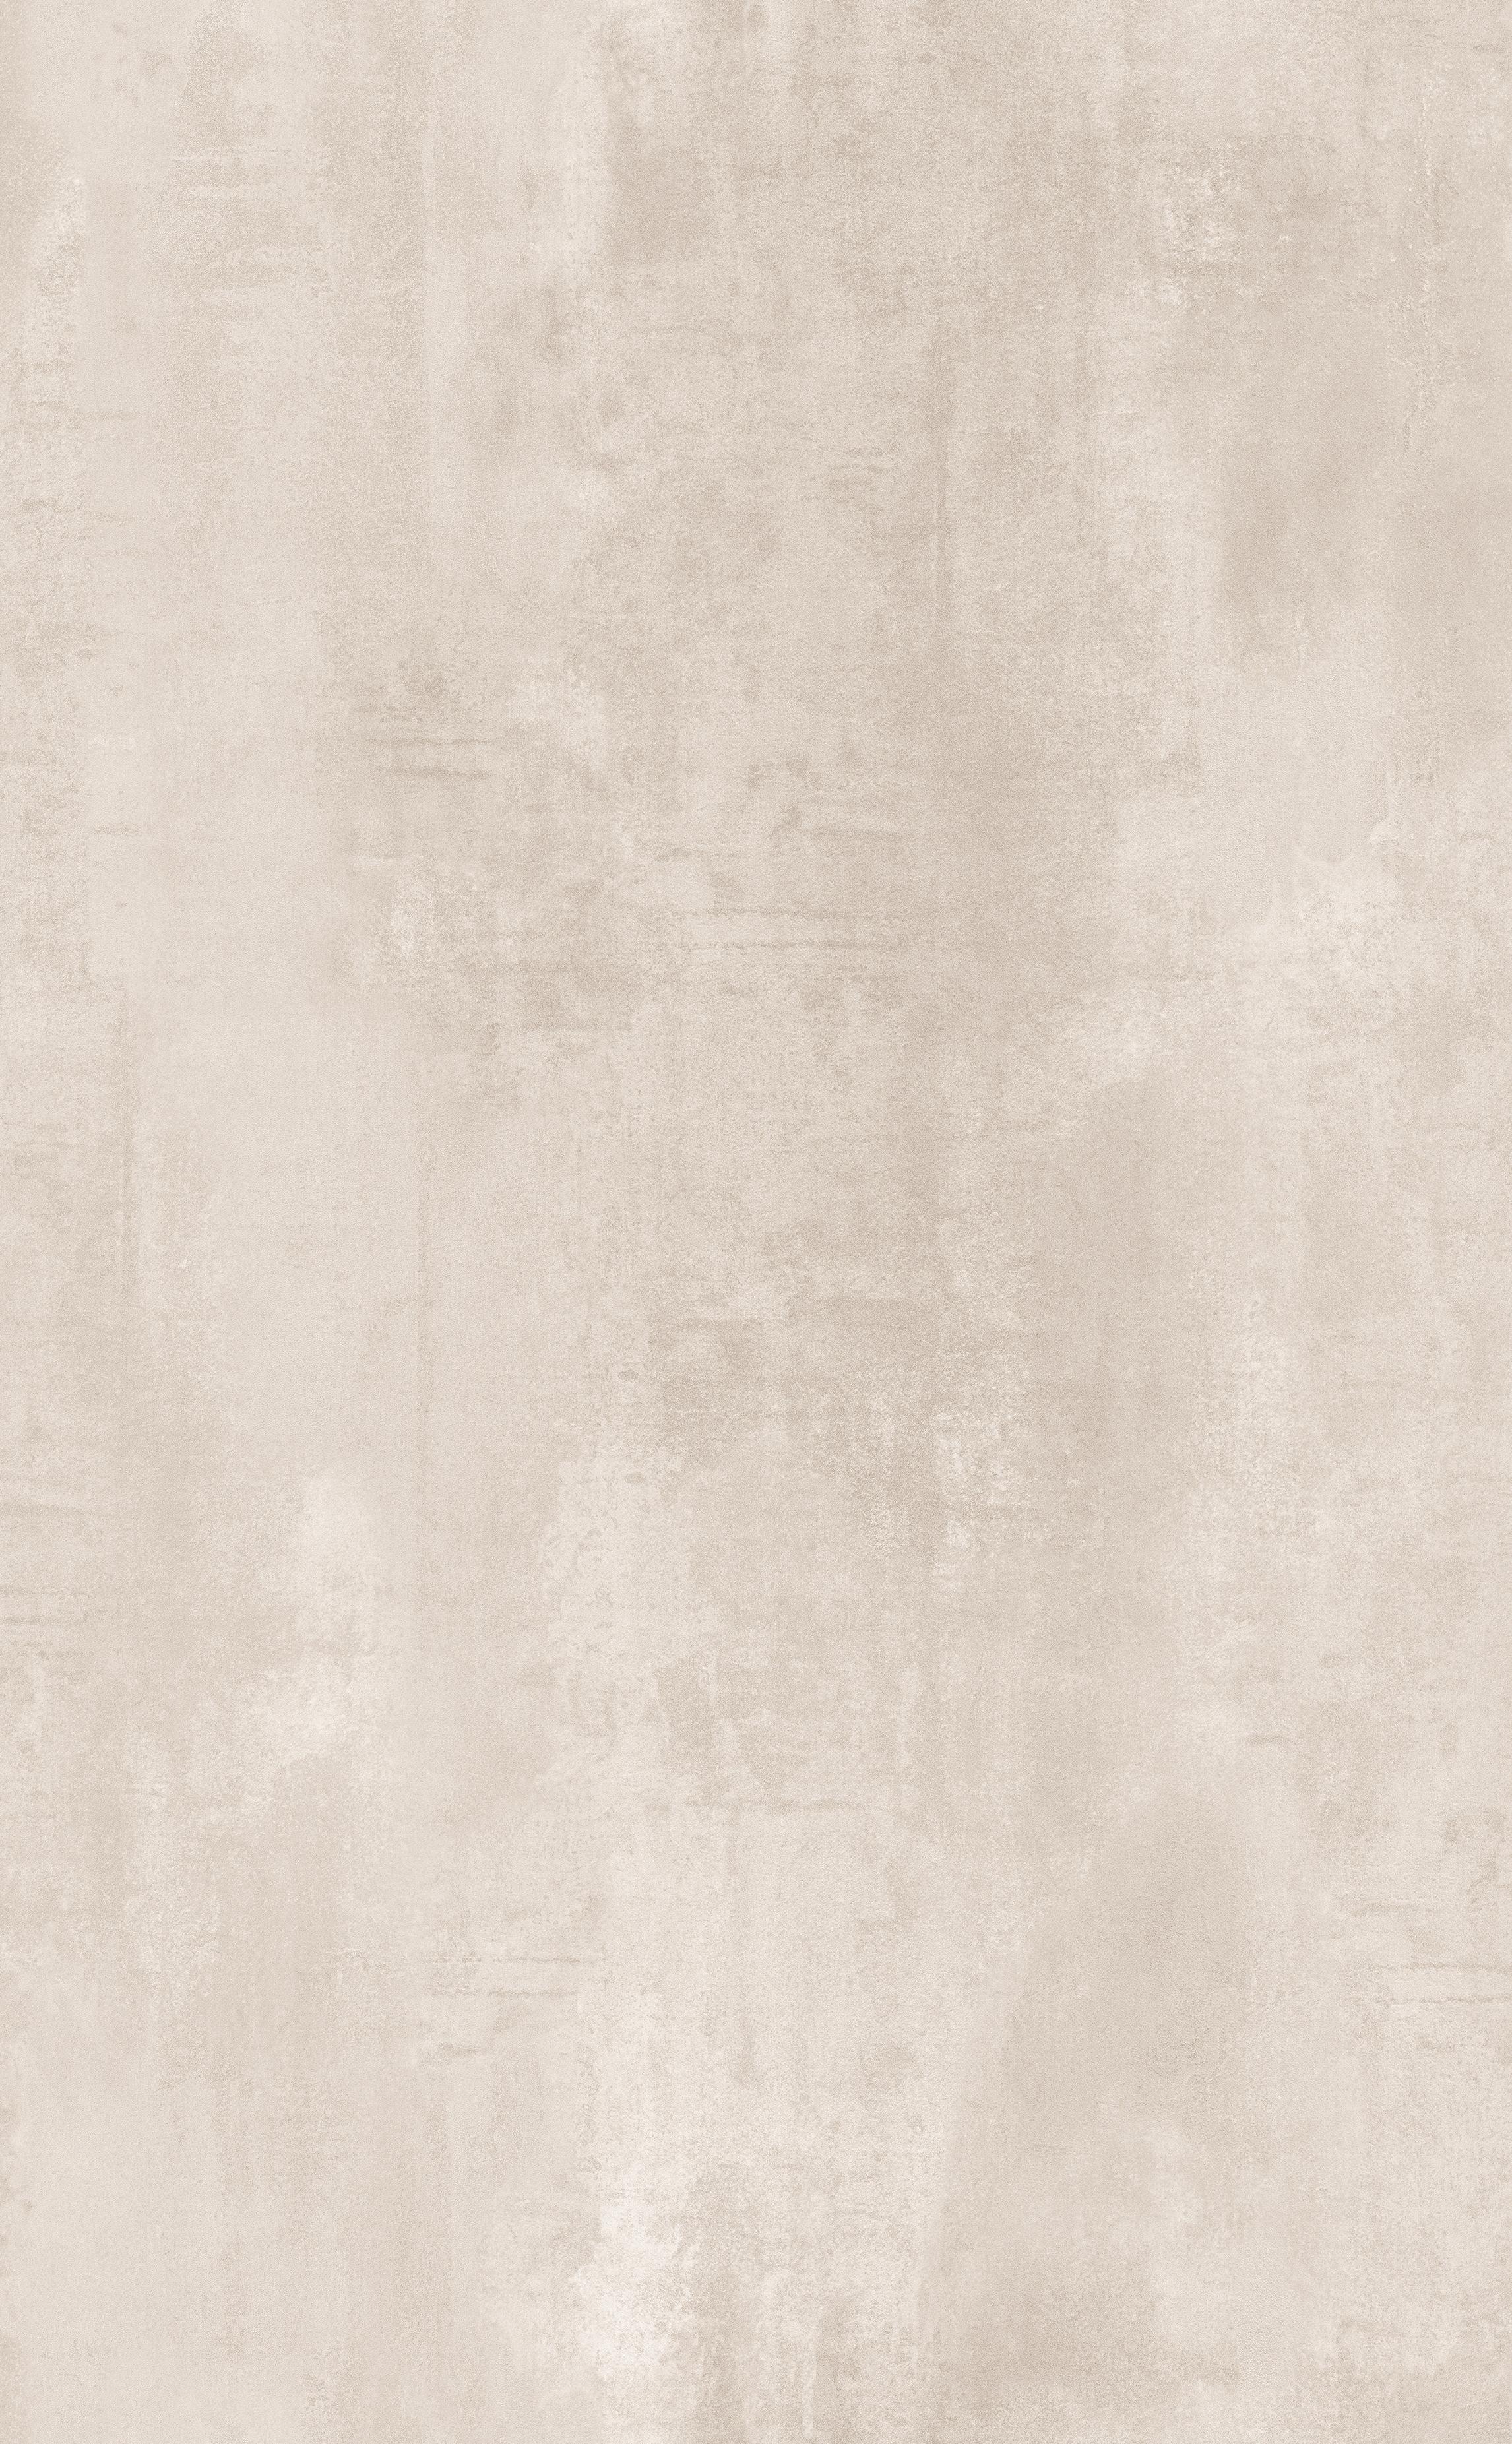 בטון אופאל אפור  KH12DT08